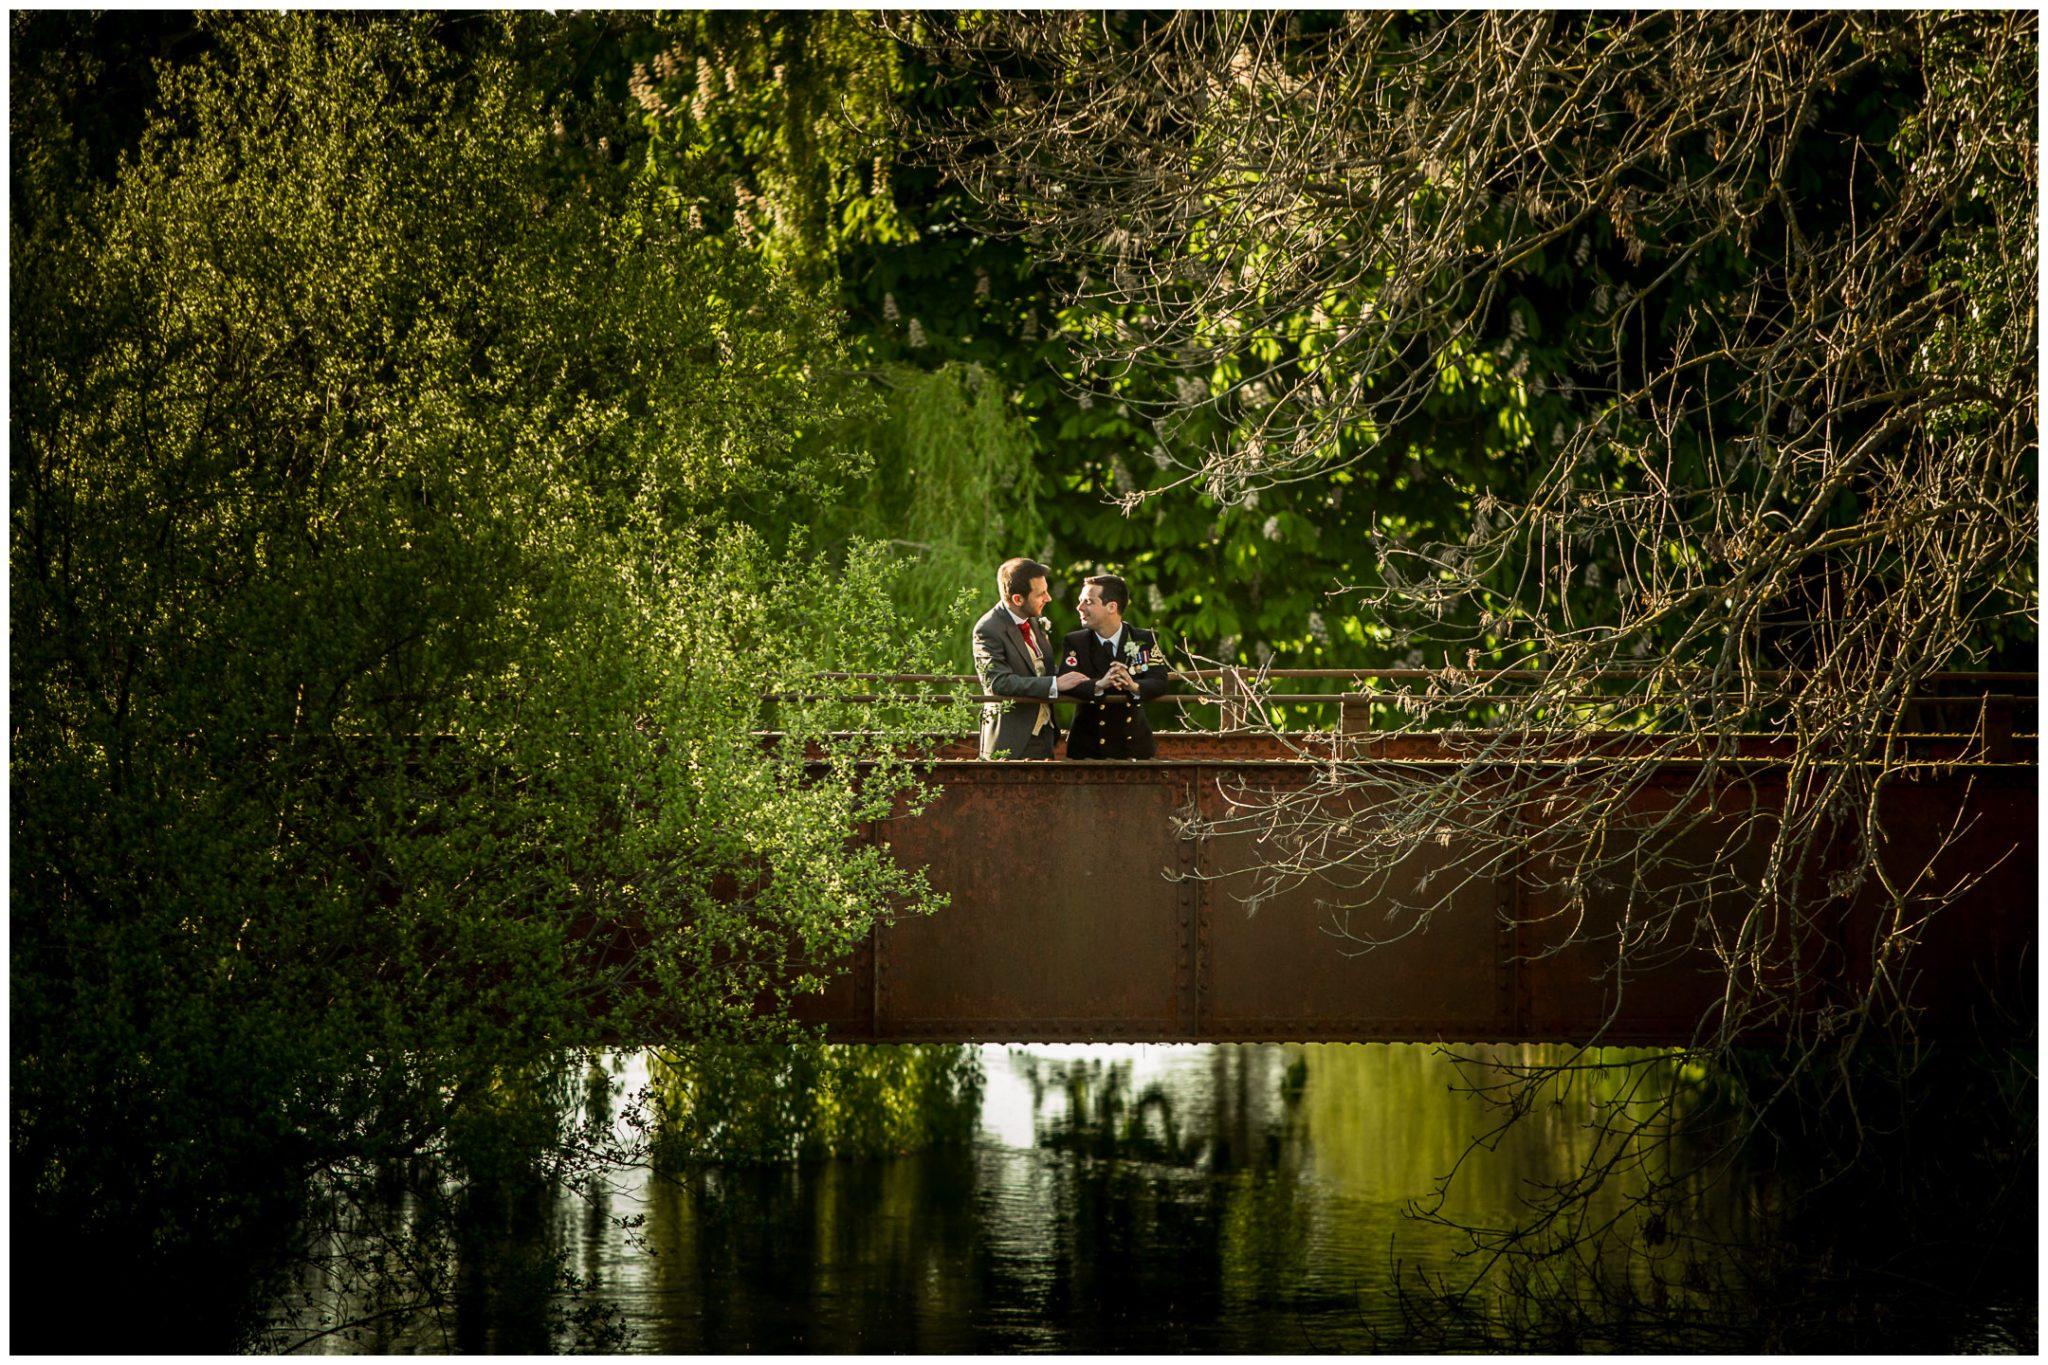 Sopley wedding photographer couple on iron bridge